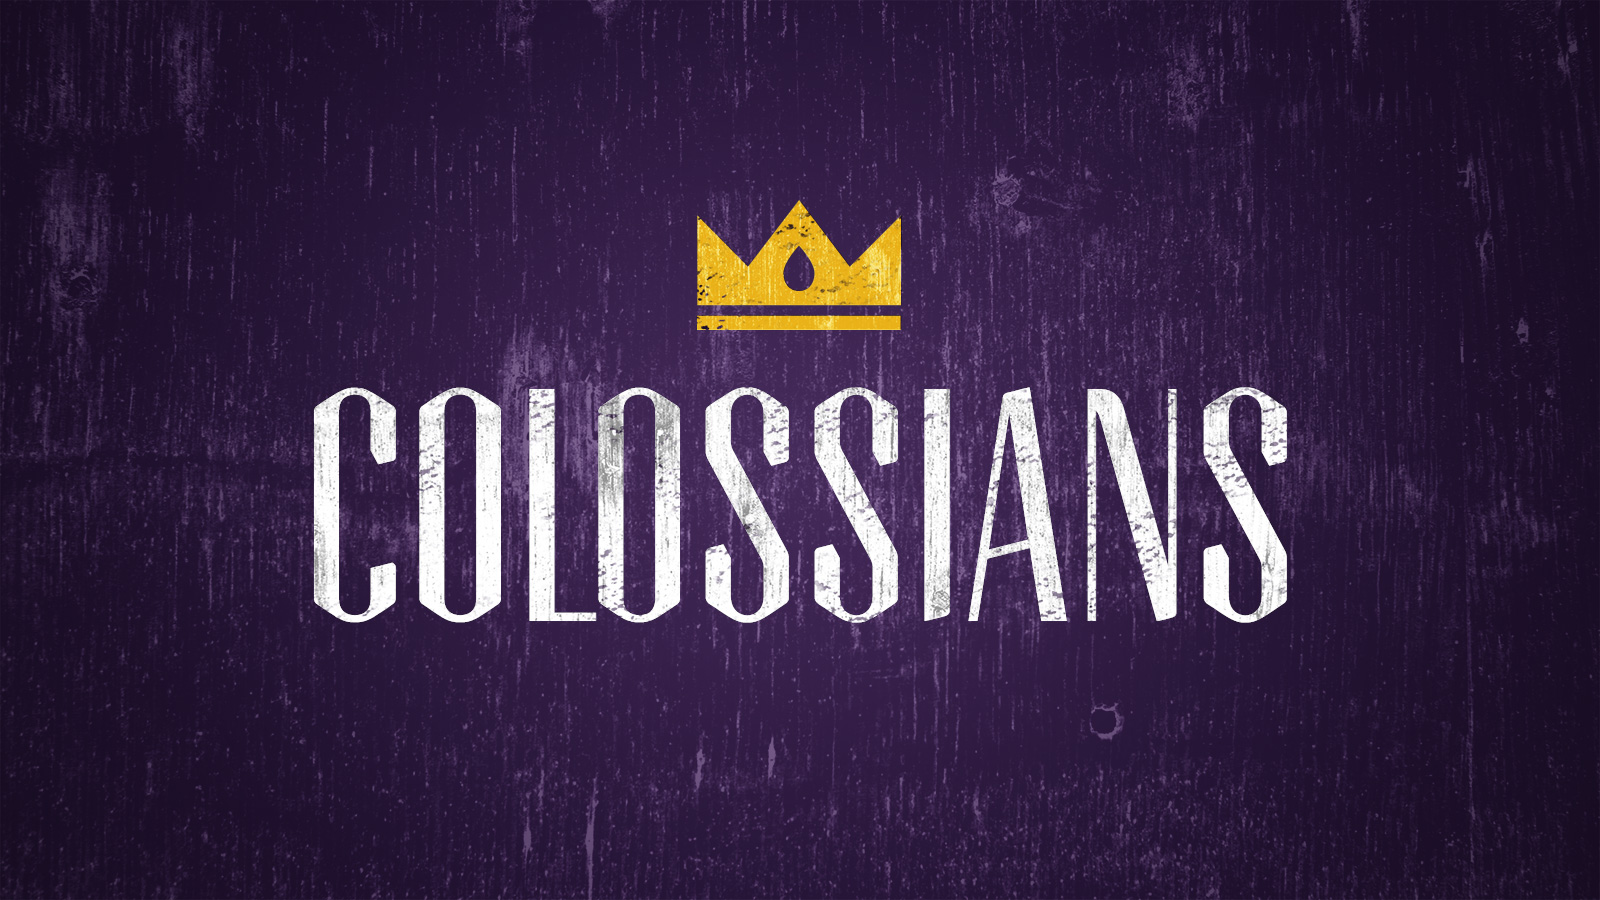 xing-Colossians-169-Main.jpg